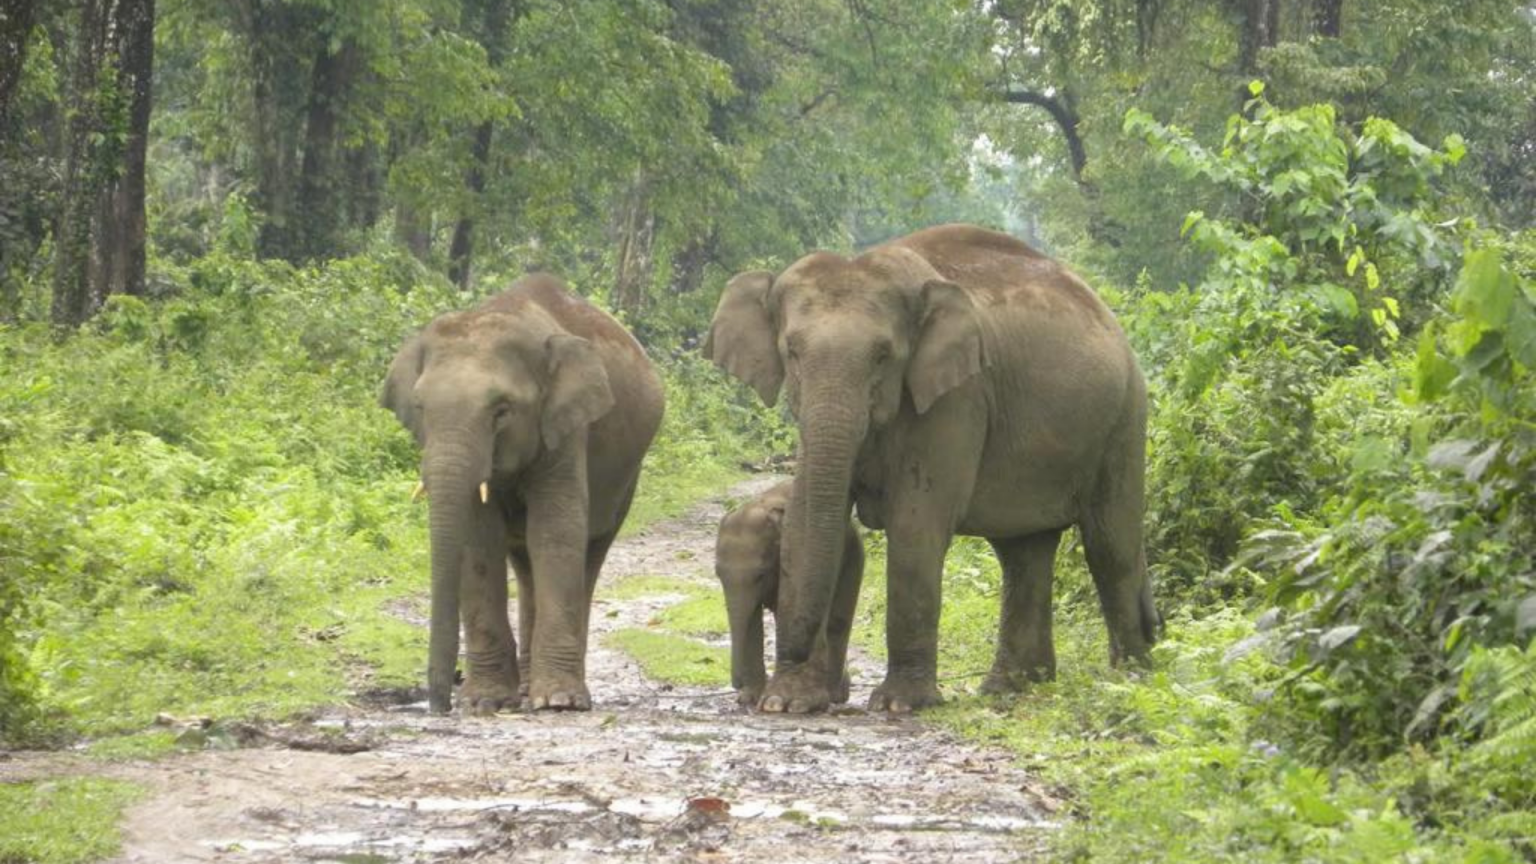 Assam gets its seventh national park with Dehing Patkai | దేహింగ్ పట్కాయ్ వన్యప్రాణుల అభయారణ్యాన్ని 7వ జాతీయ ఉద్యానవనంగా ప్రకటించిన అస్సాం |_40.1